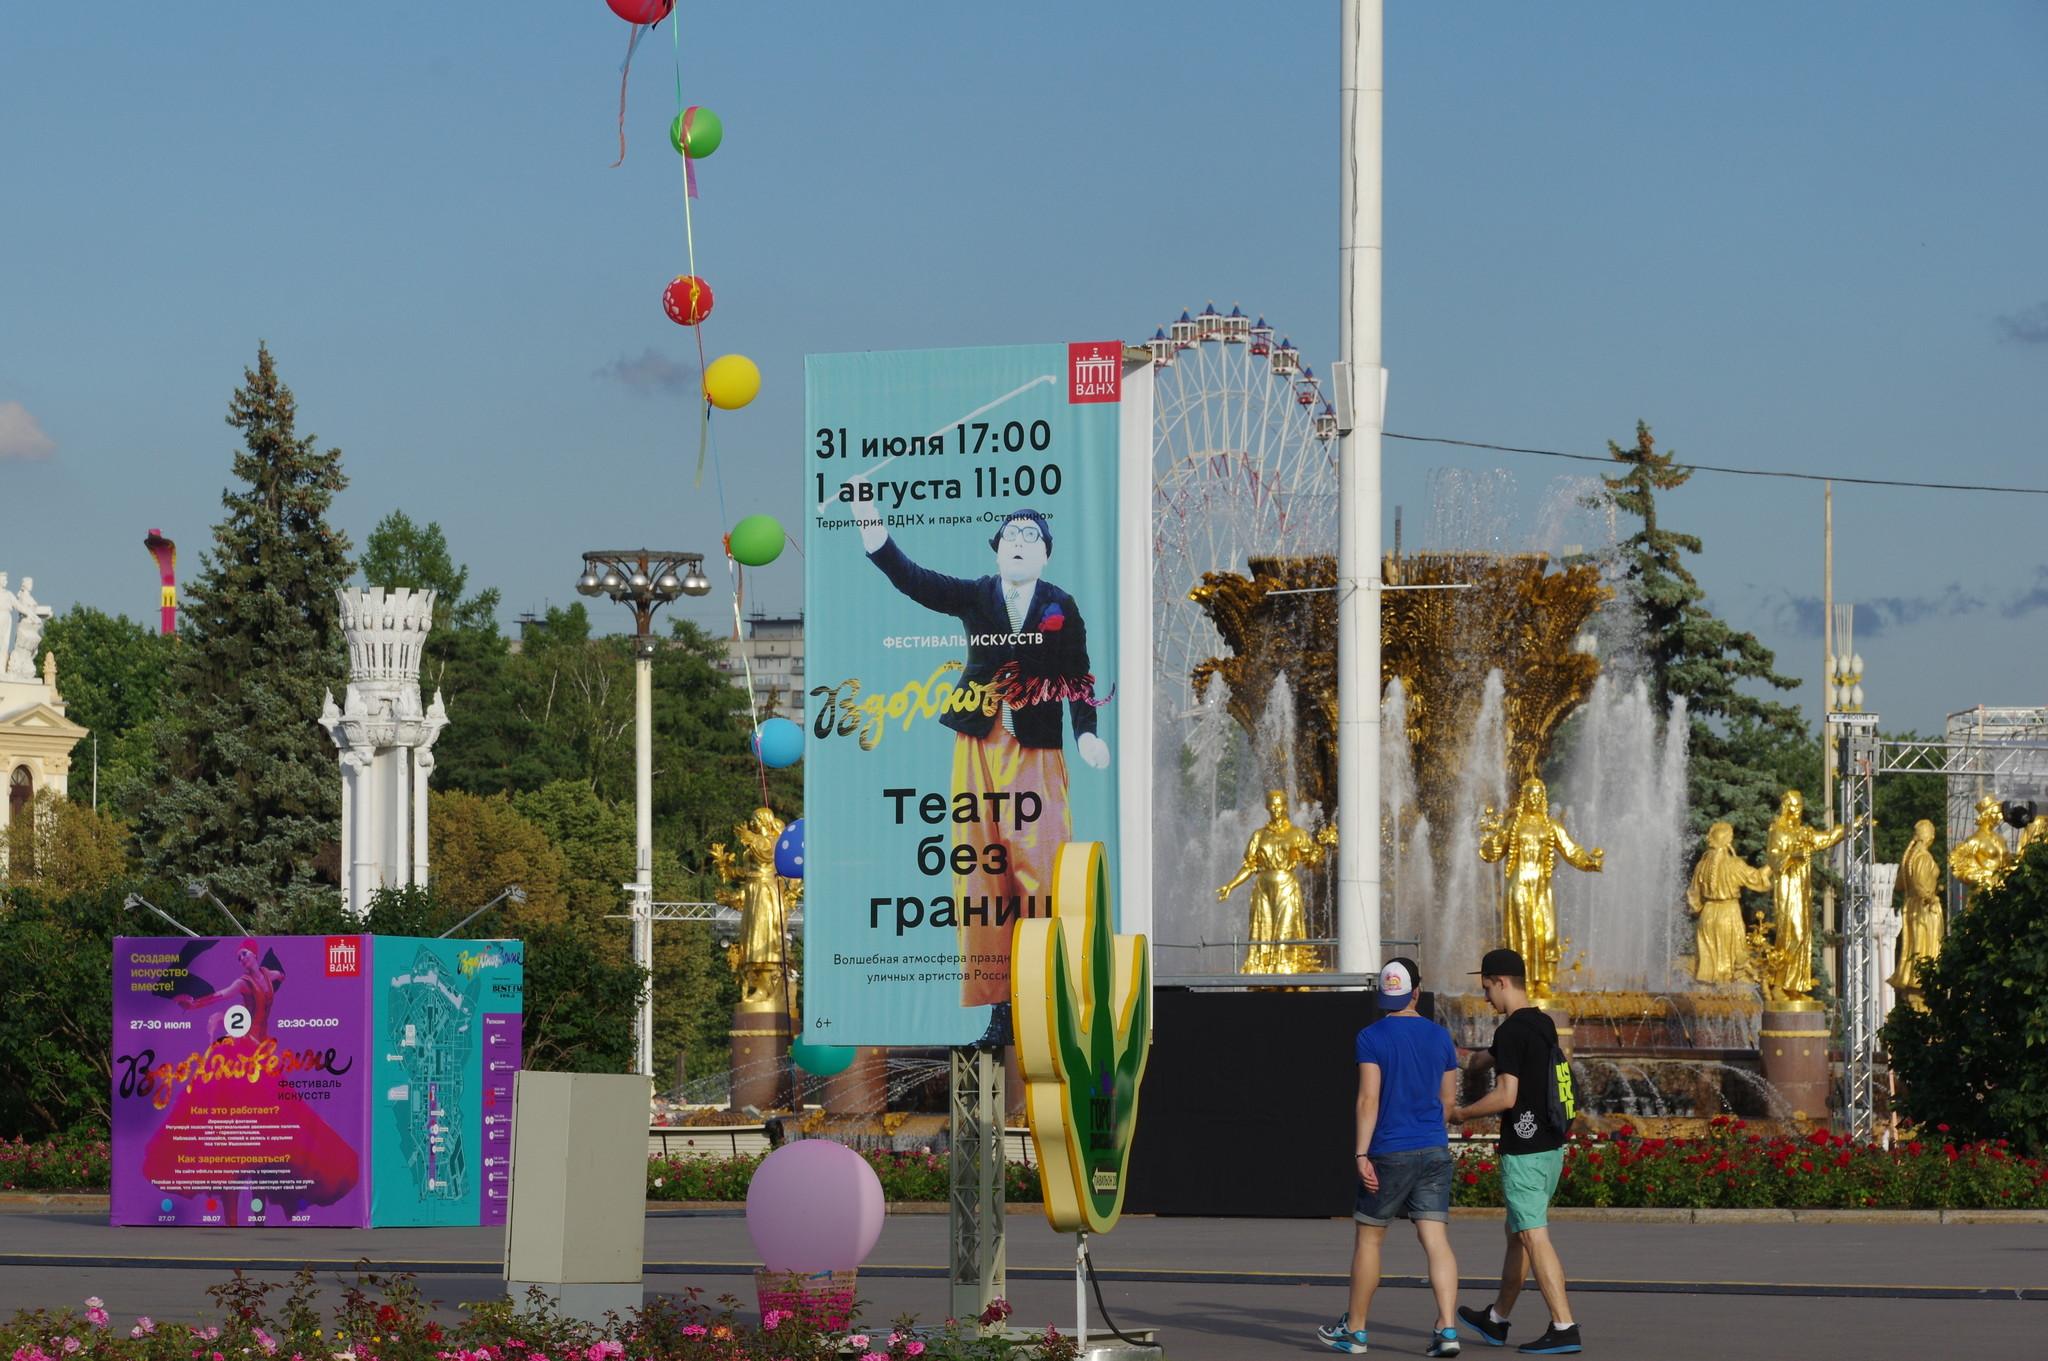 Фестиваль уличных артистов России и мира «Театр без границ» на территории ВДНХ и парка «Останкино»